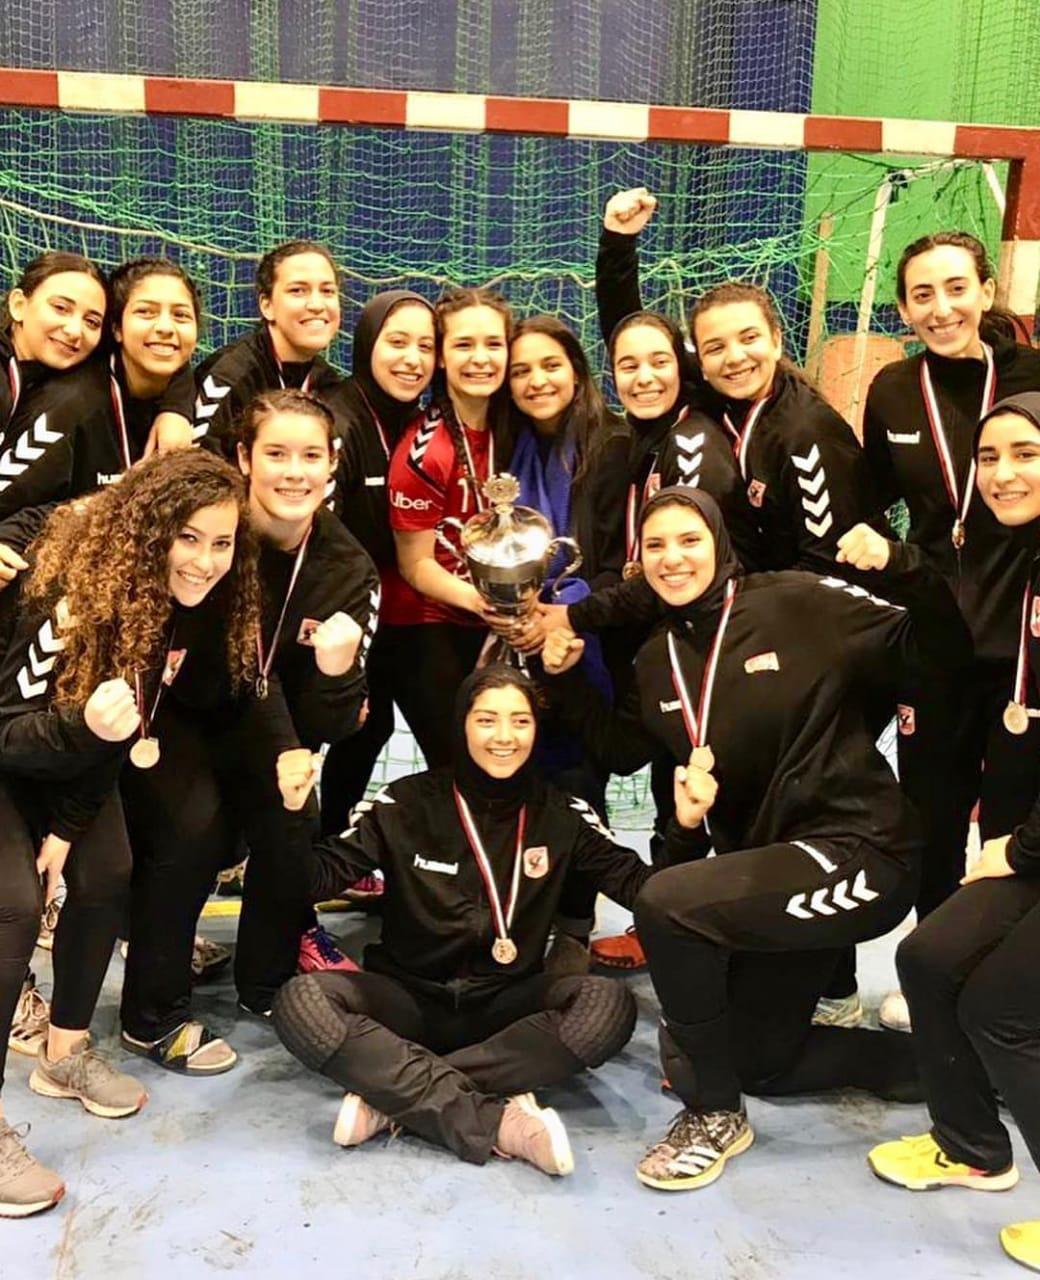 فريق الأهلى سيدات لكرة اليد (6)